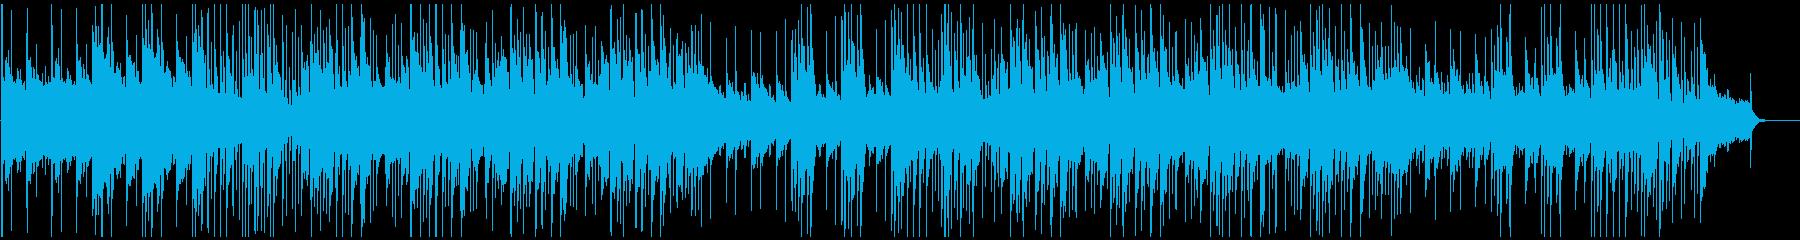 優しい感じのピアノメイン曲の再生済みの波形